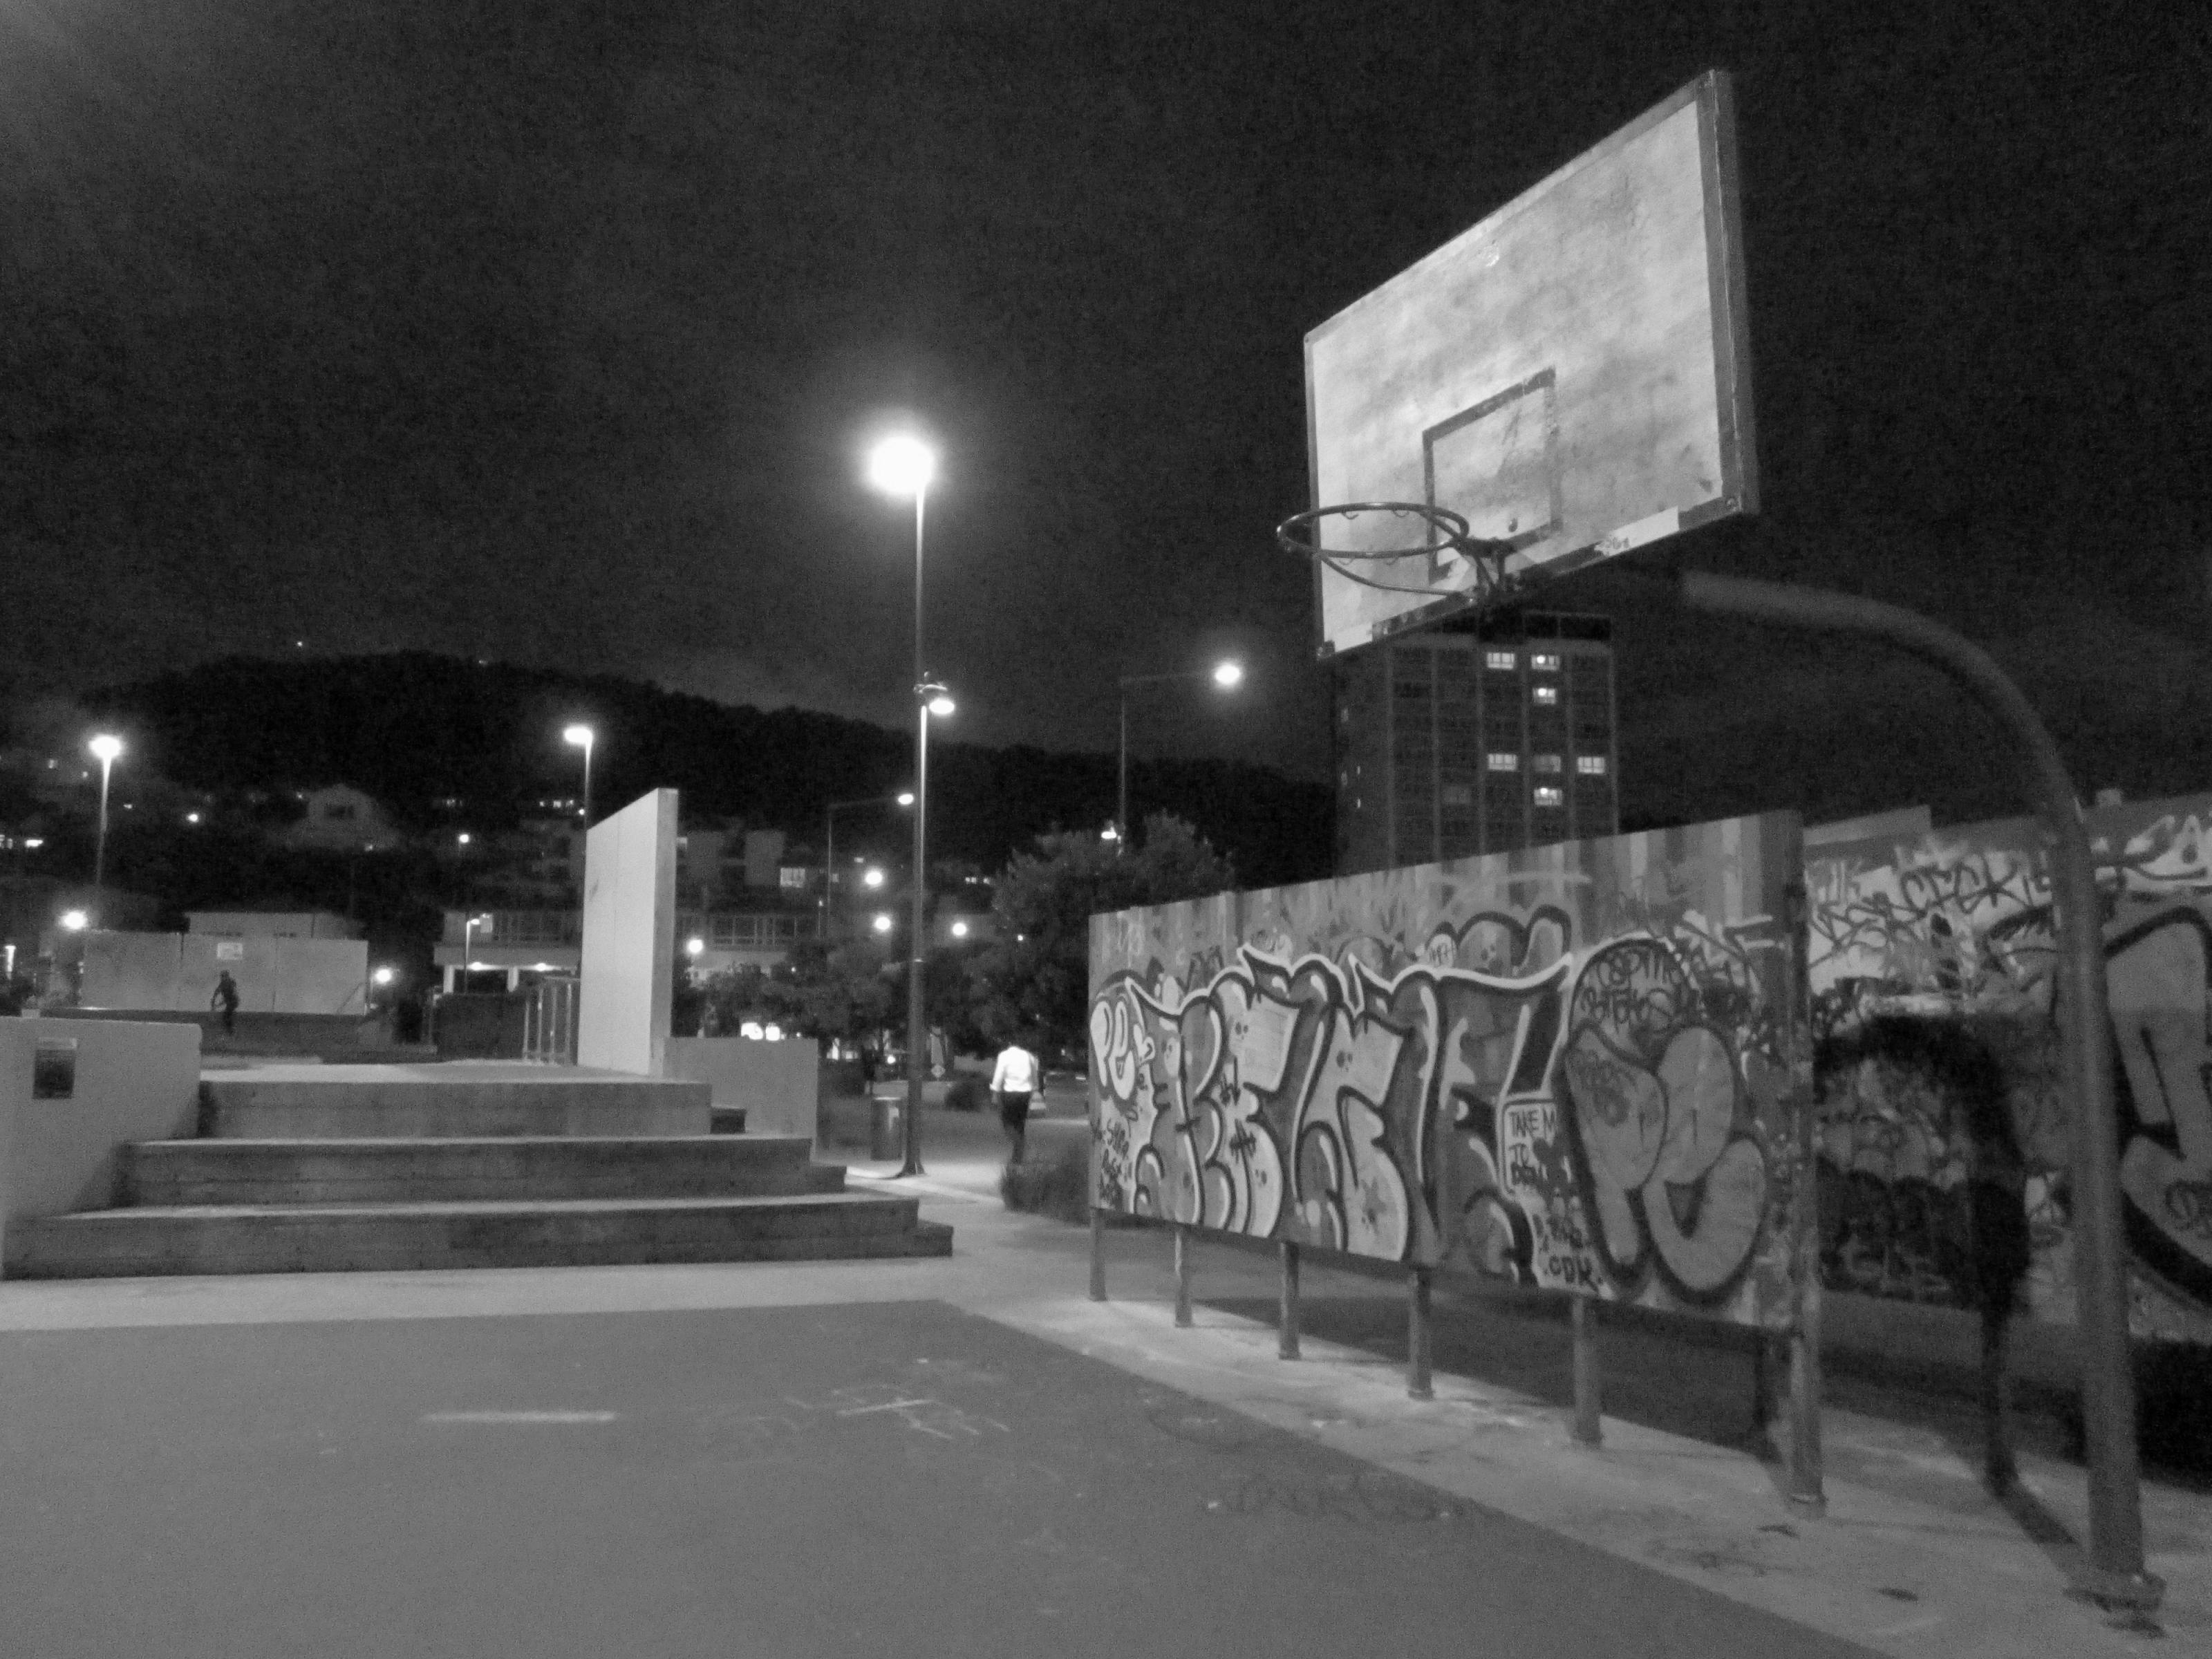 Most Cute Wallpaper For Whatsapp Basketball Court Background Hd Pixelstalk Net